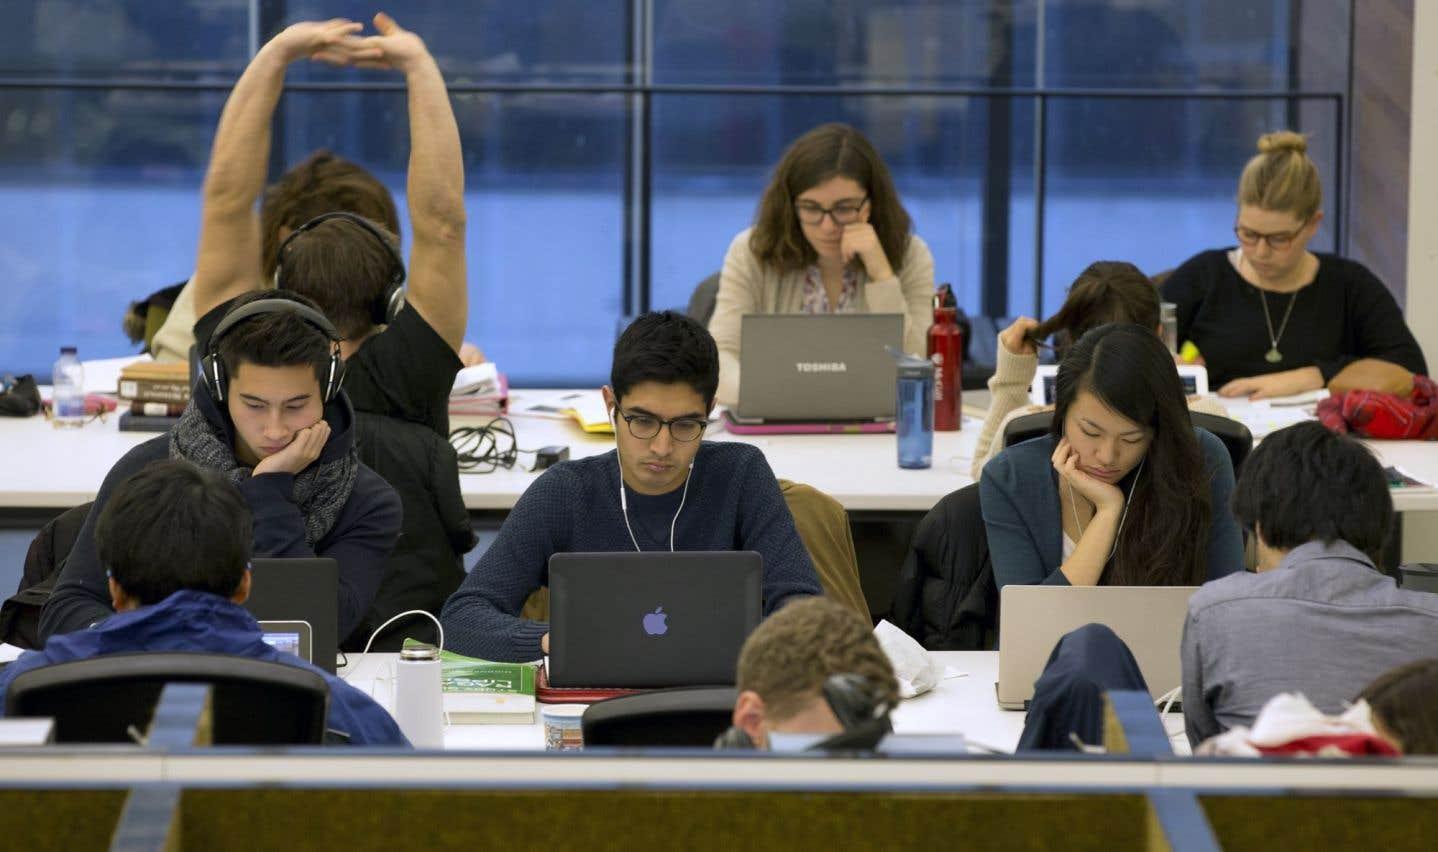 Des centaines d'étudiants en psychologie vont boycotter les stages